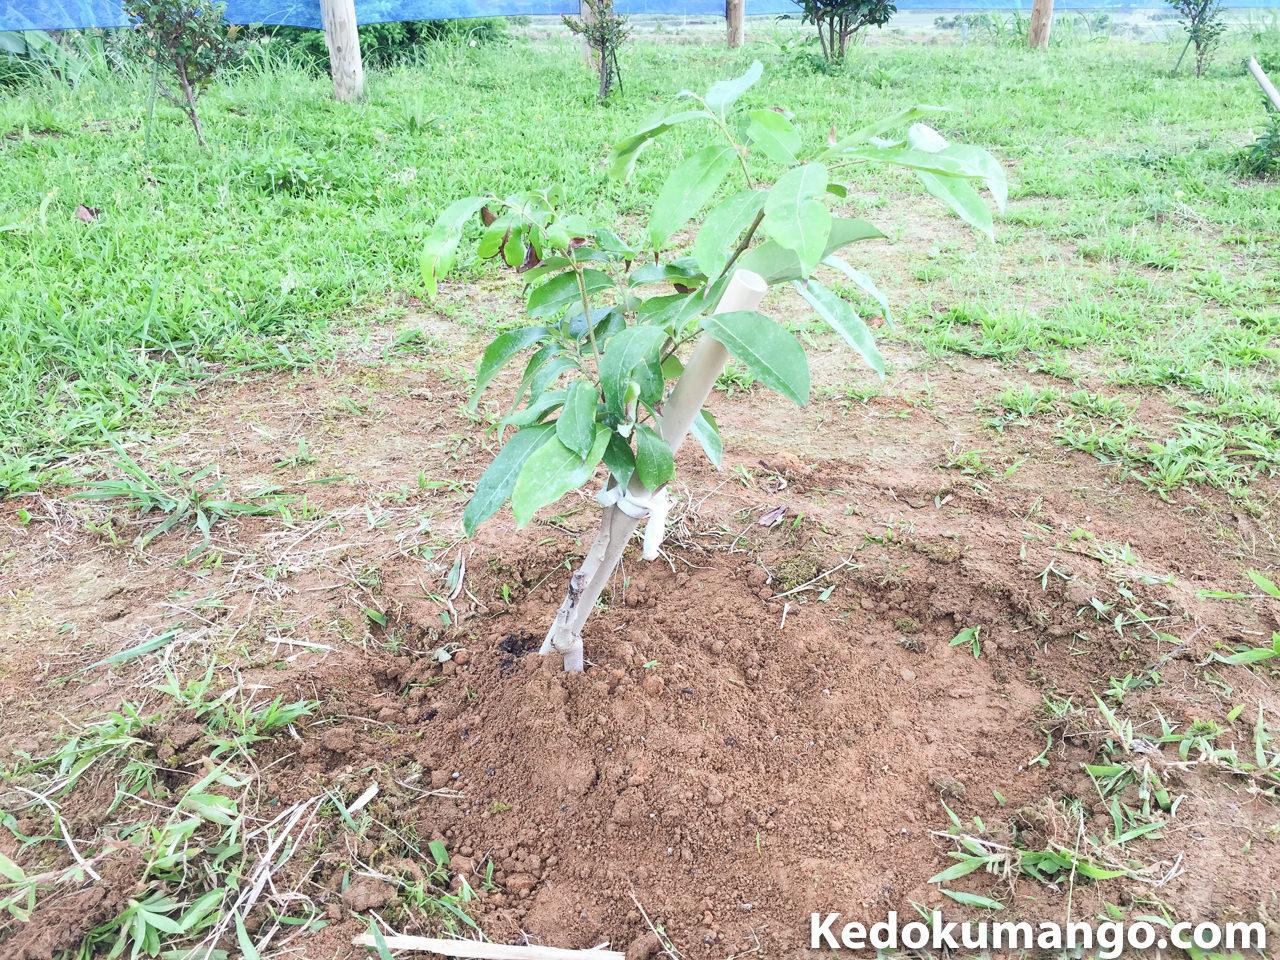 レイシ(ライチ)の苗木を定植した様子-2